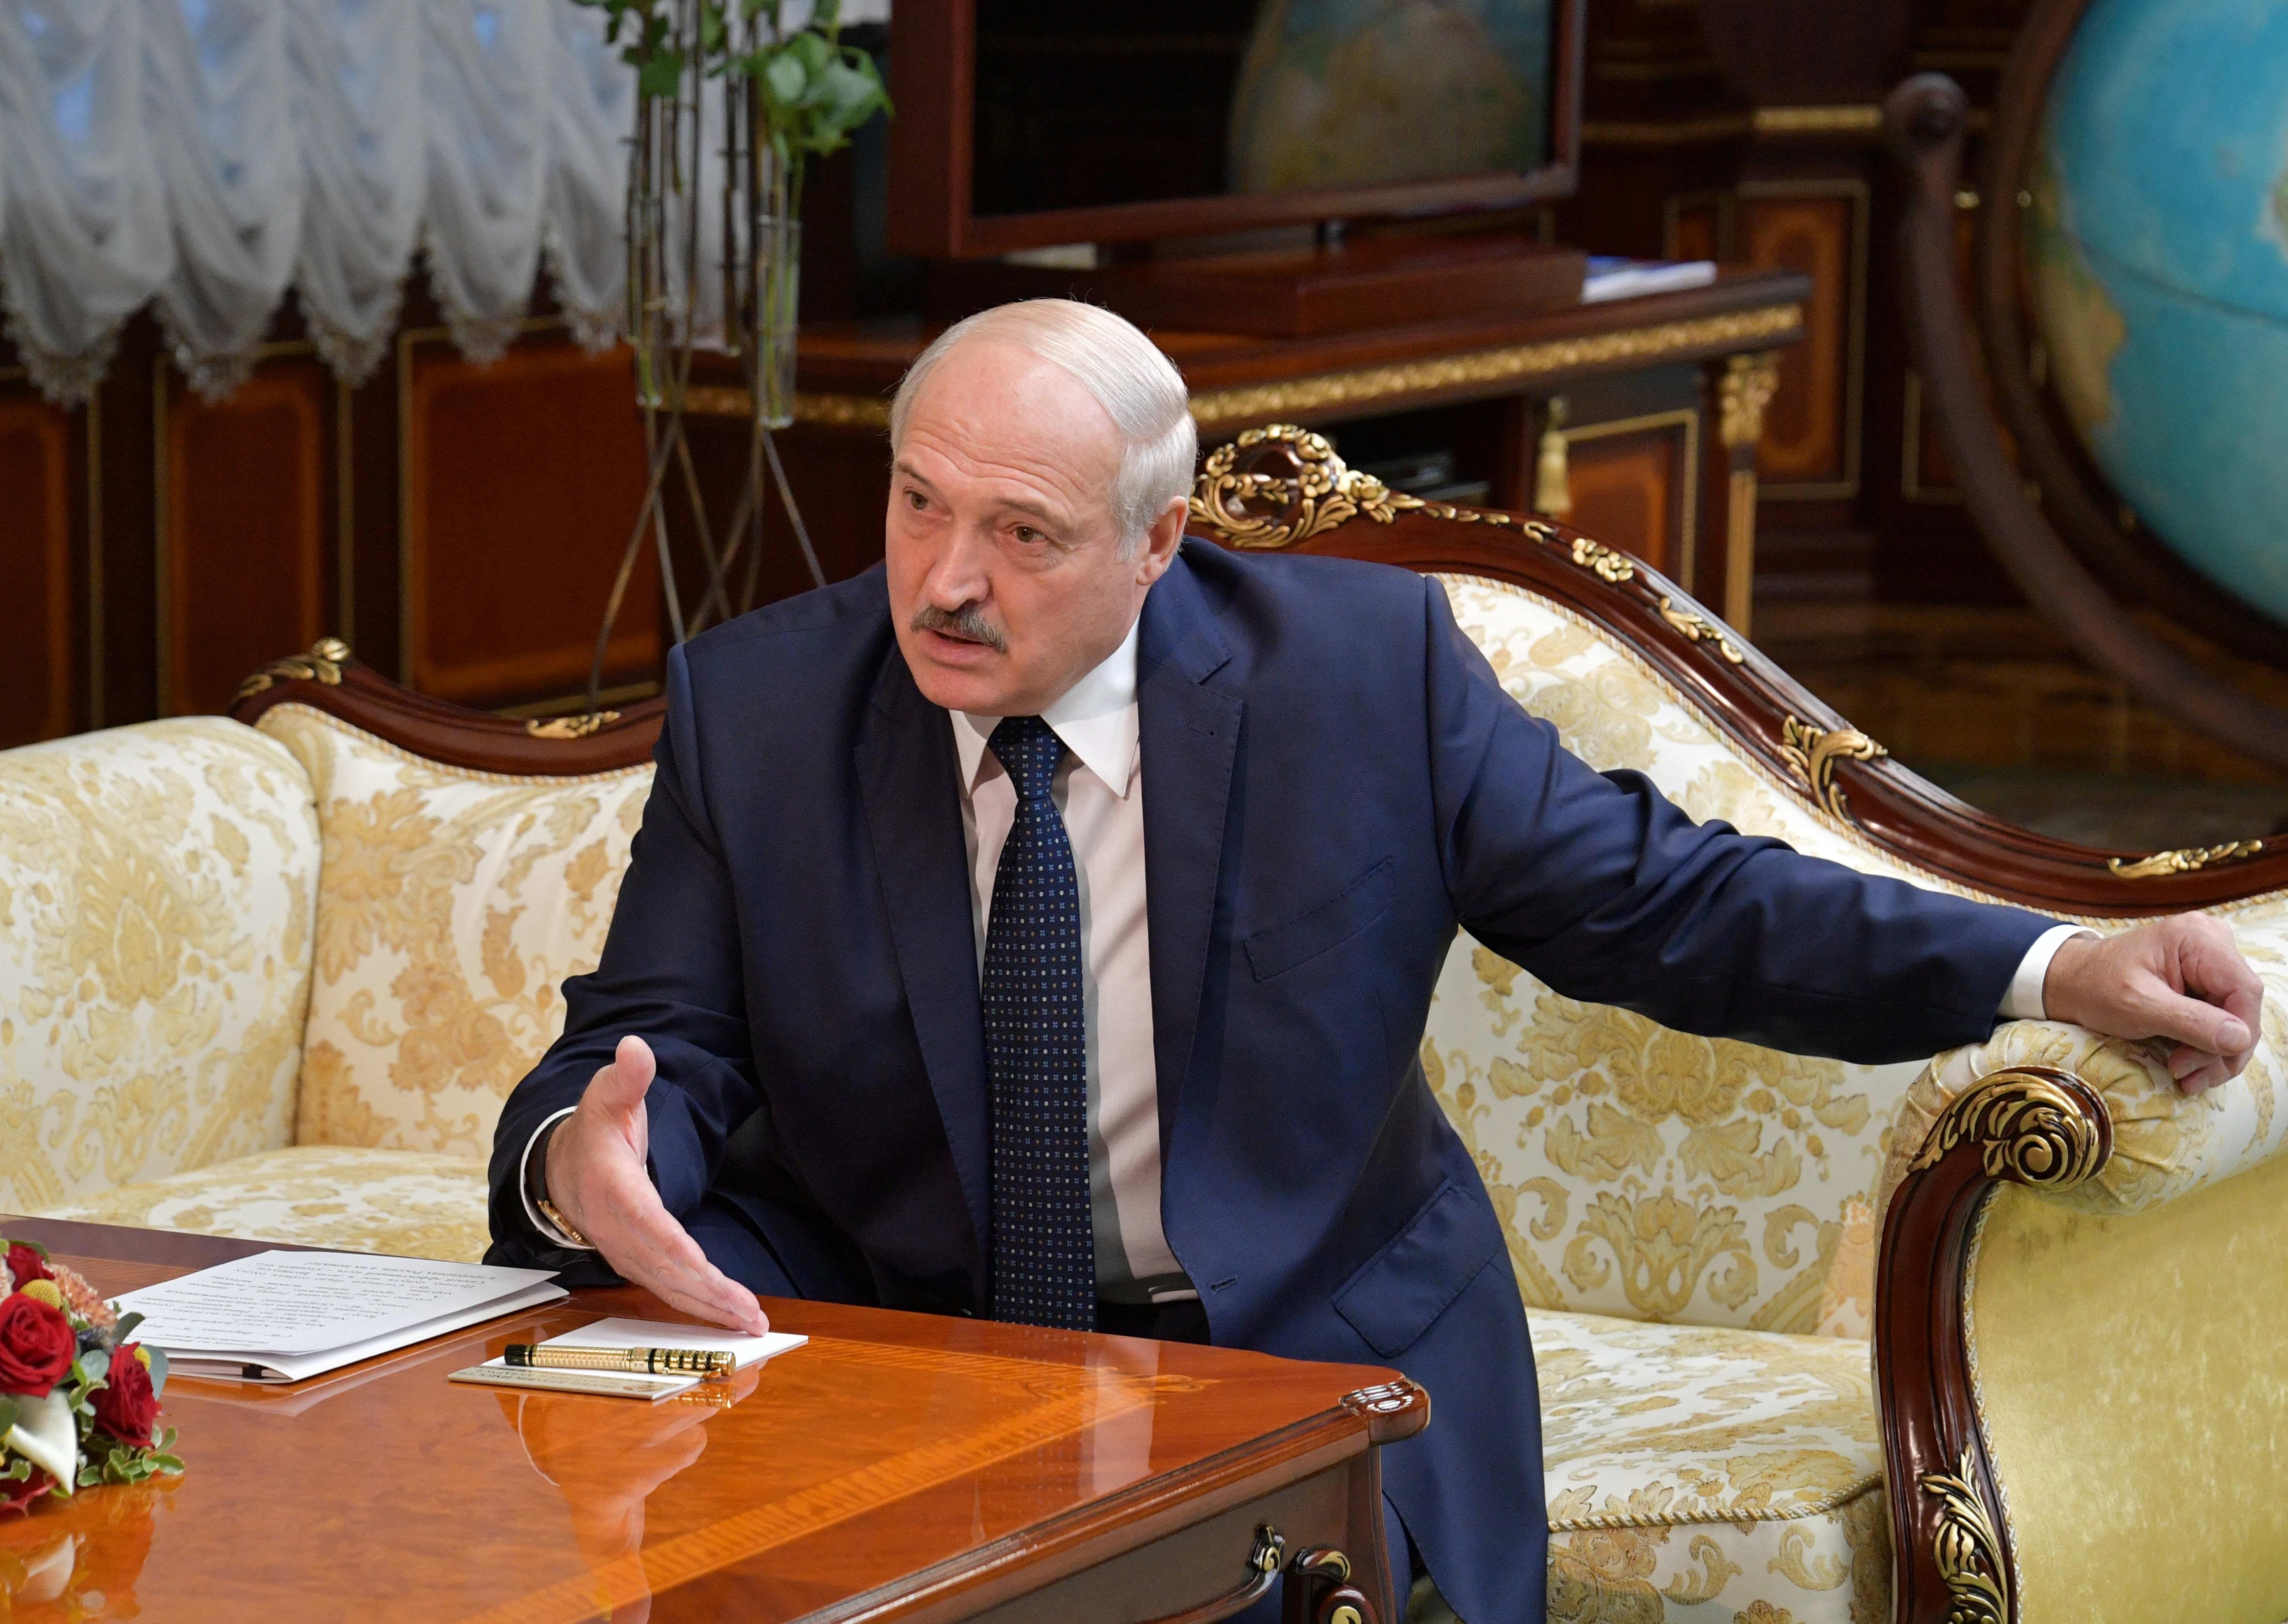 Лукашенко призвал не сравнивать протесты в Белоруссии с Киргизией